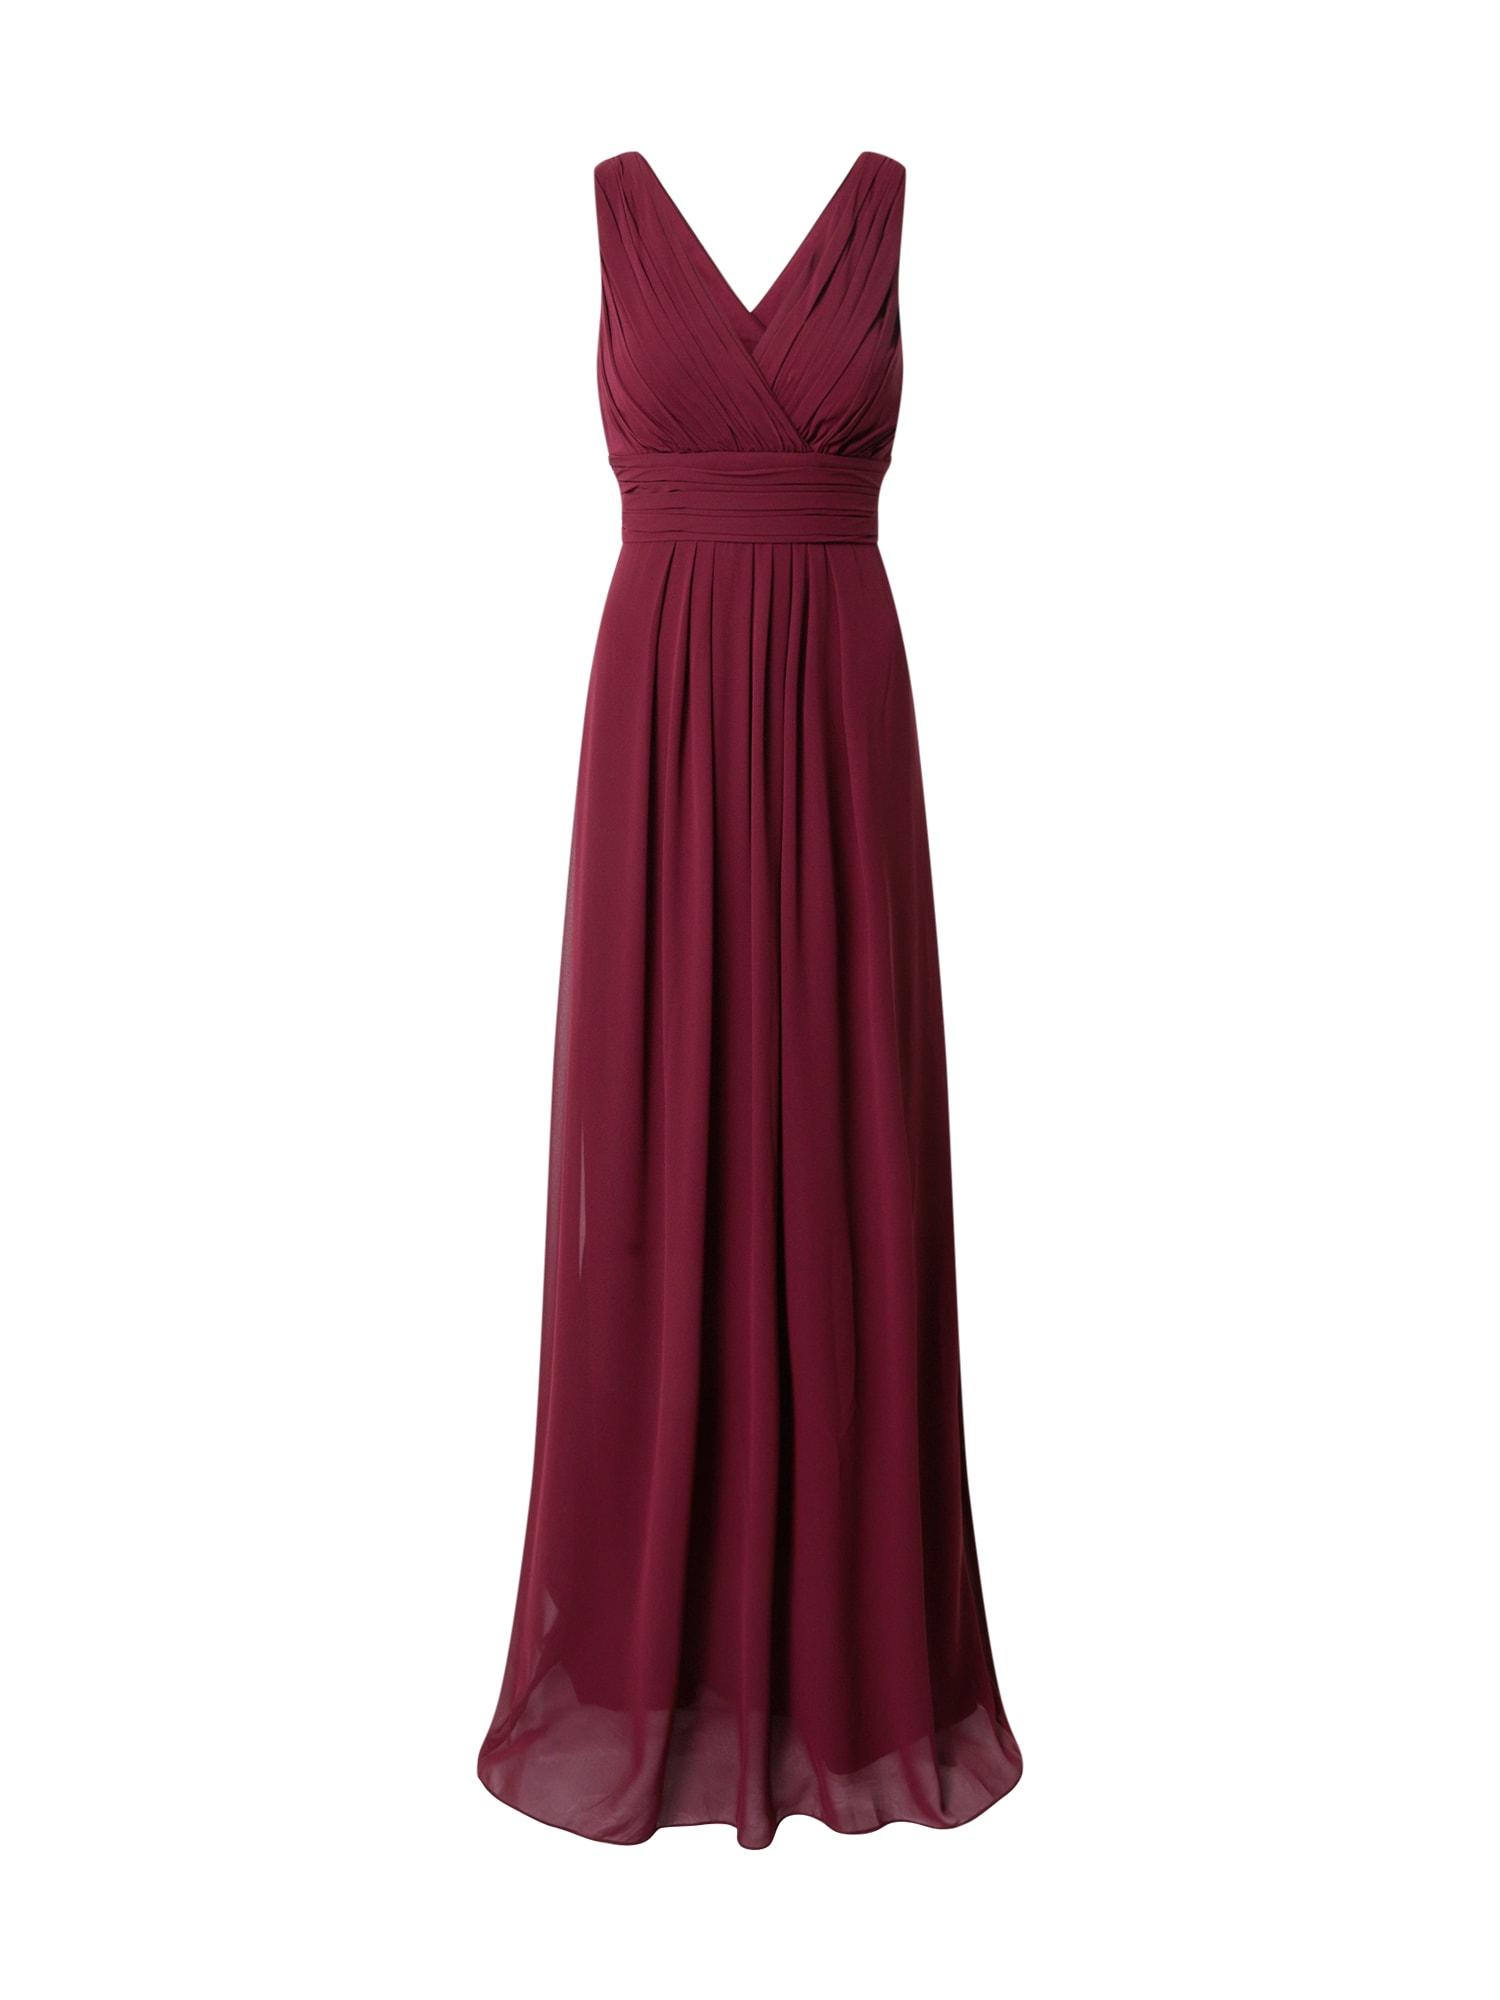 STAR NIGHT Suknelė vyno raudona spalva